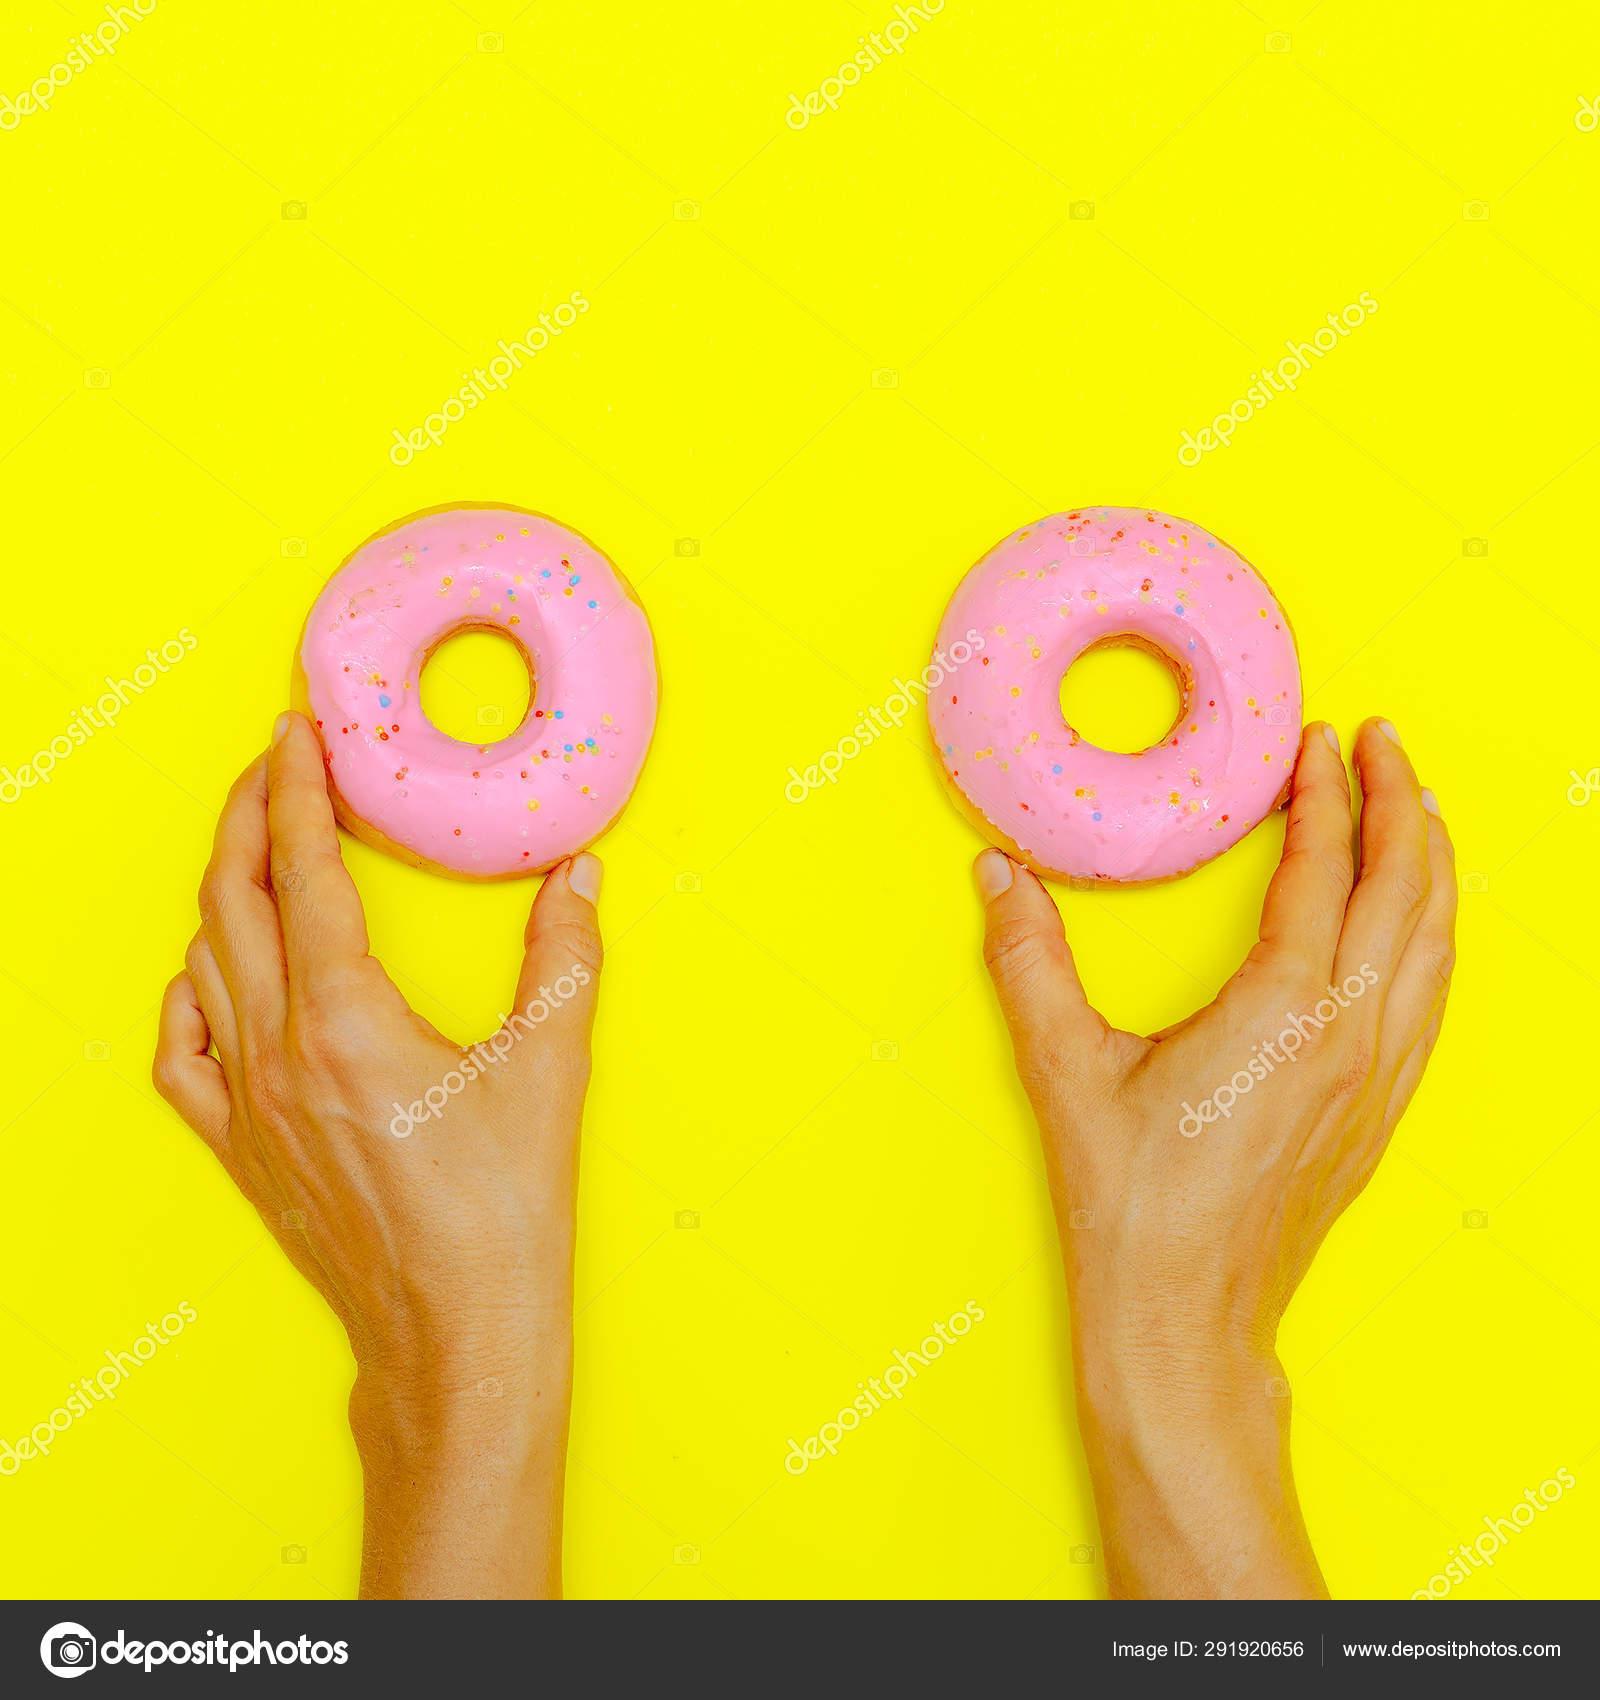 картинка розовый пончик на желтом фоне начальном